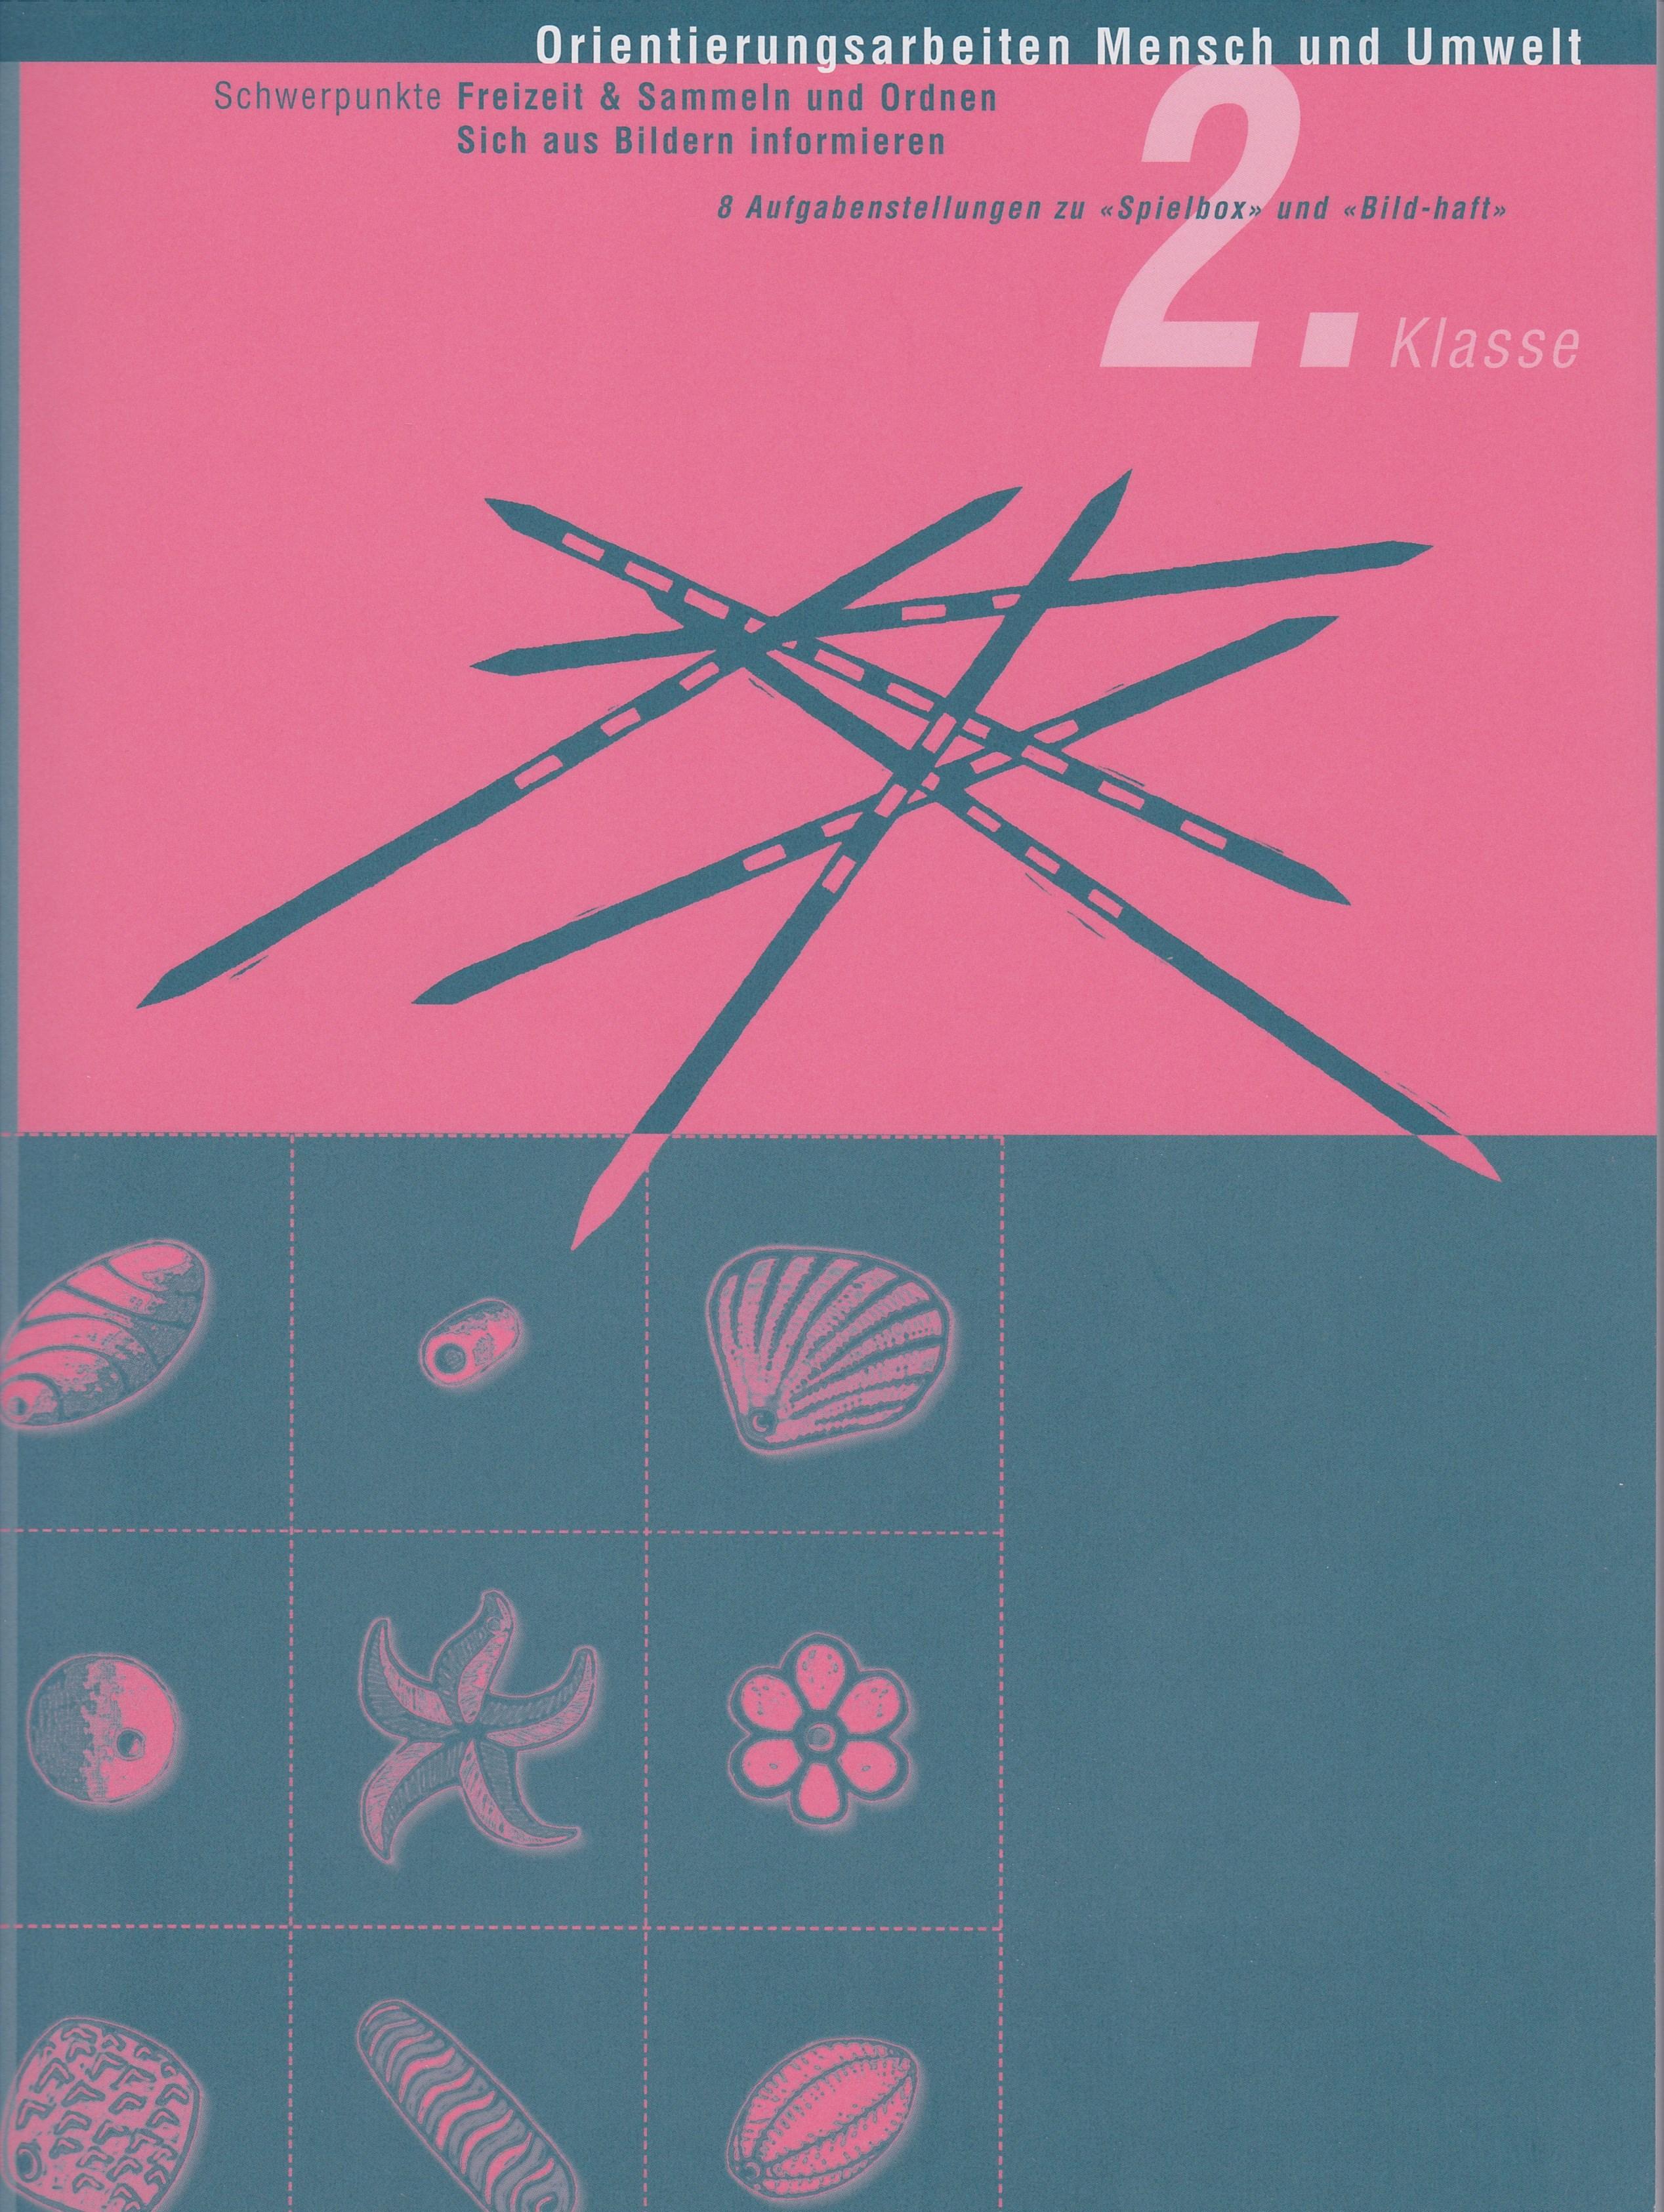 Preview image for LOM object Orientierungsarbeit Mensch und Umwelt 2: Spielbox; Bild-haft